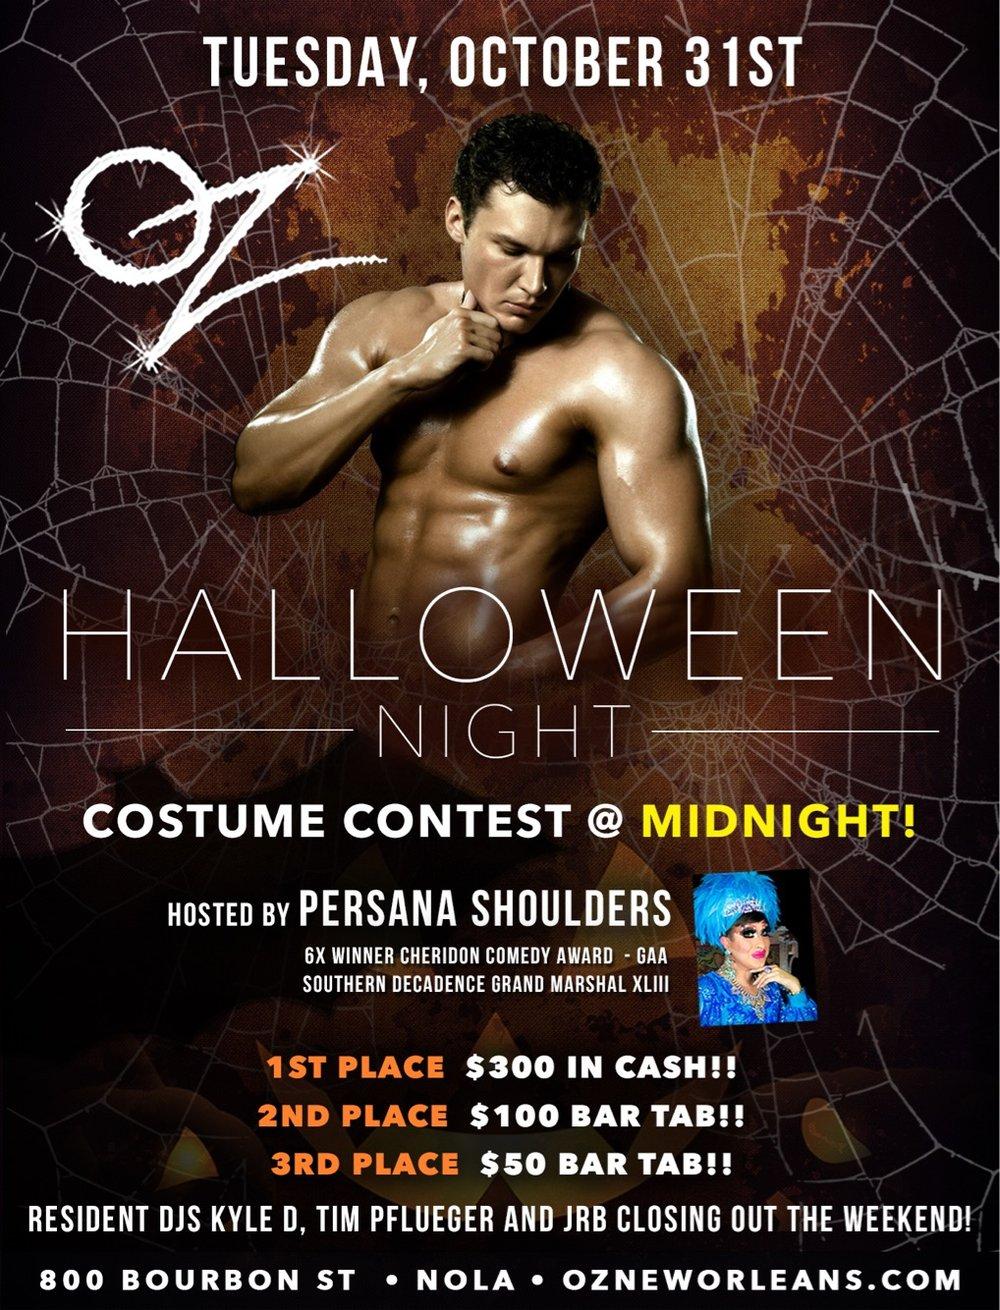 20171031_Halloween_CostumeCont.jpg